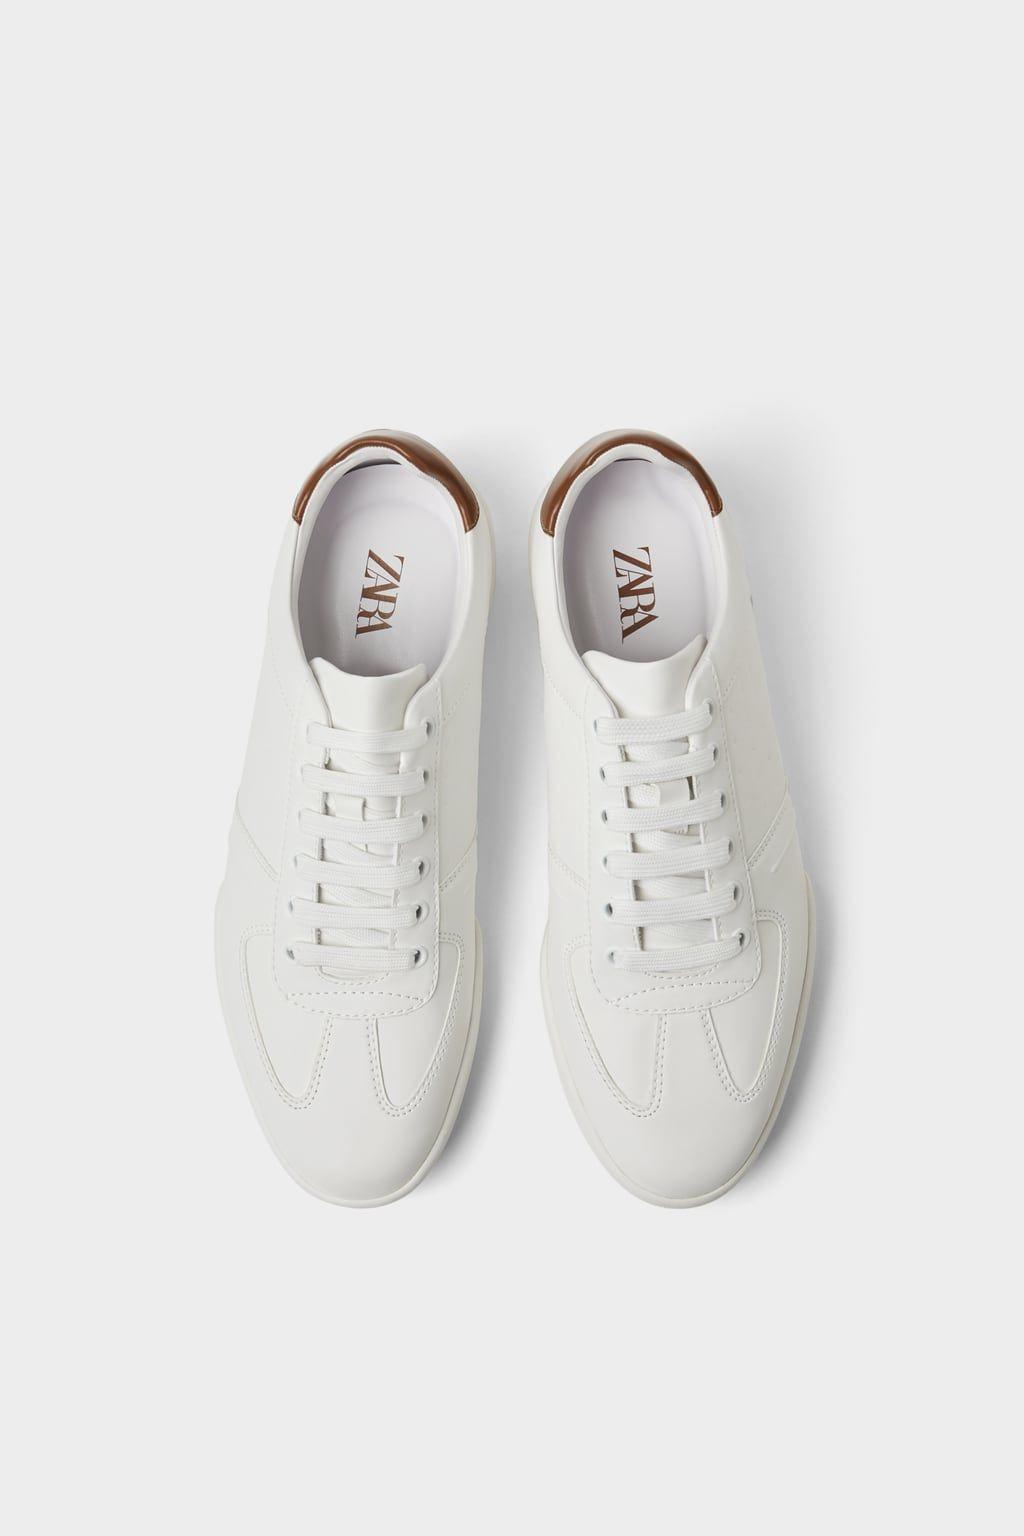 SLIM SNEAKERS - Sneakers-MAN-SHOES